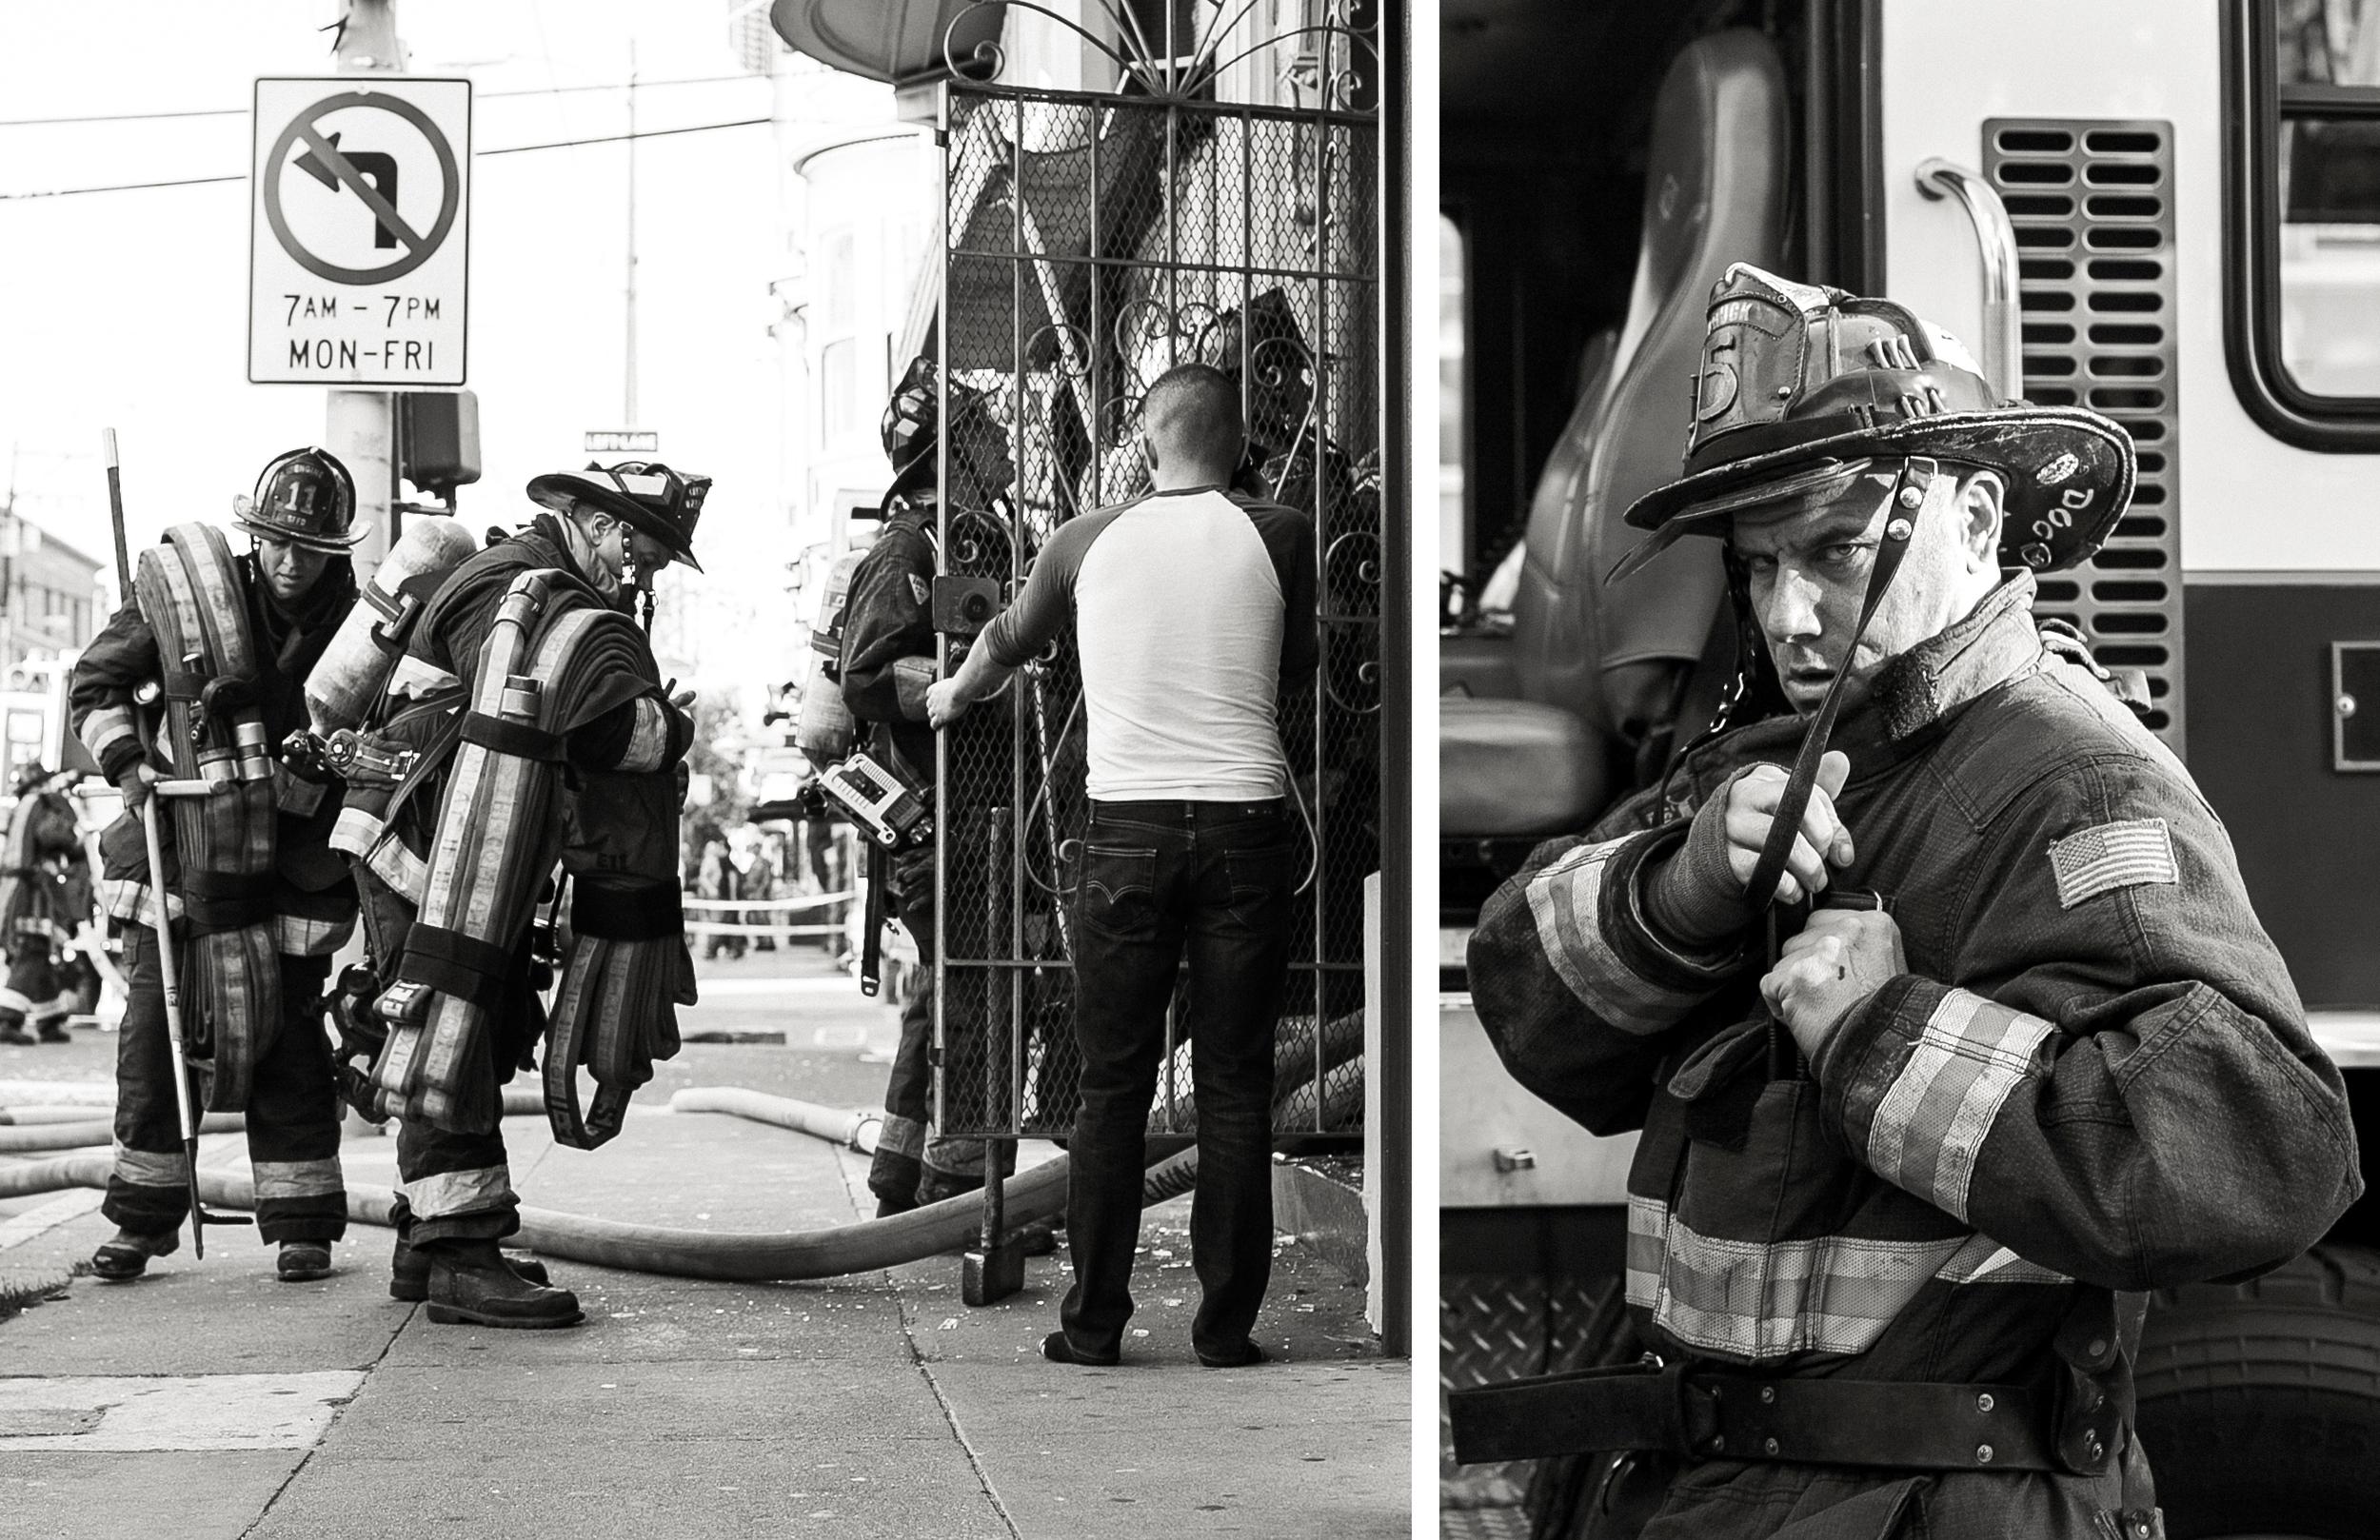 Wk4FIREmen.jpg